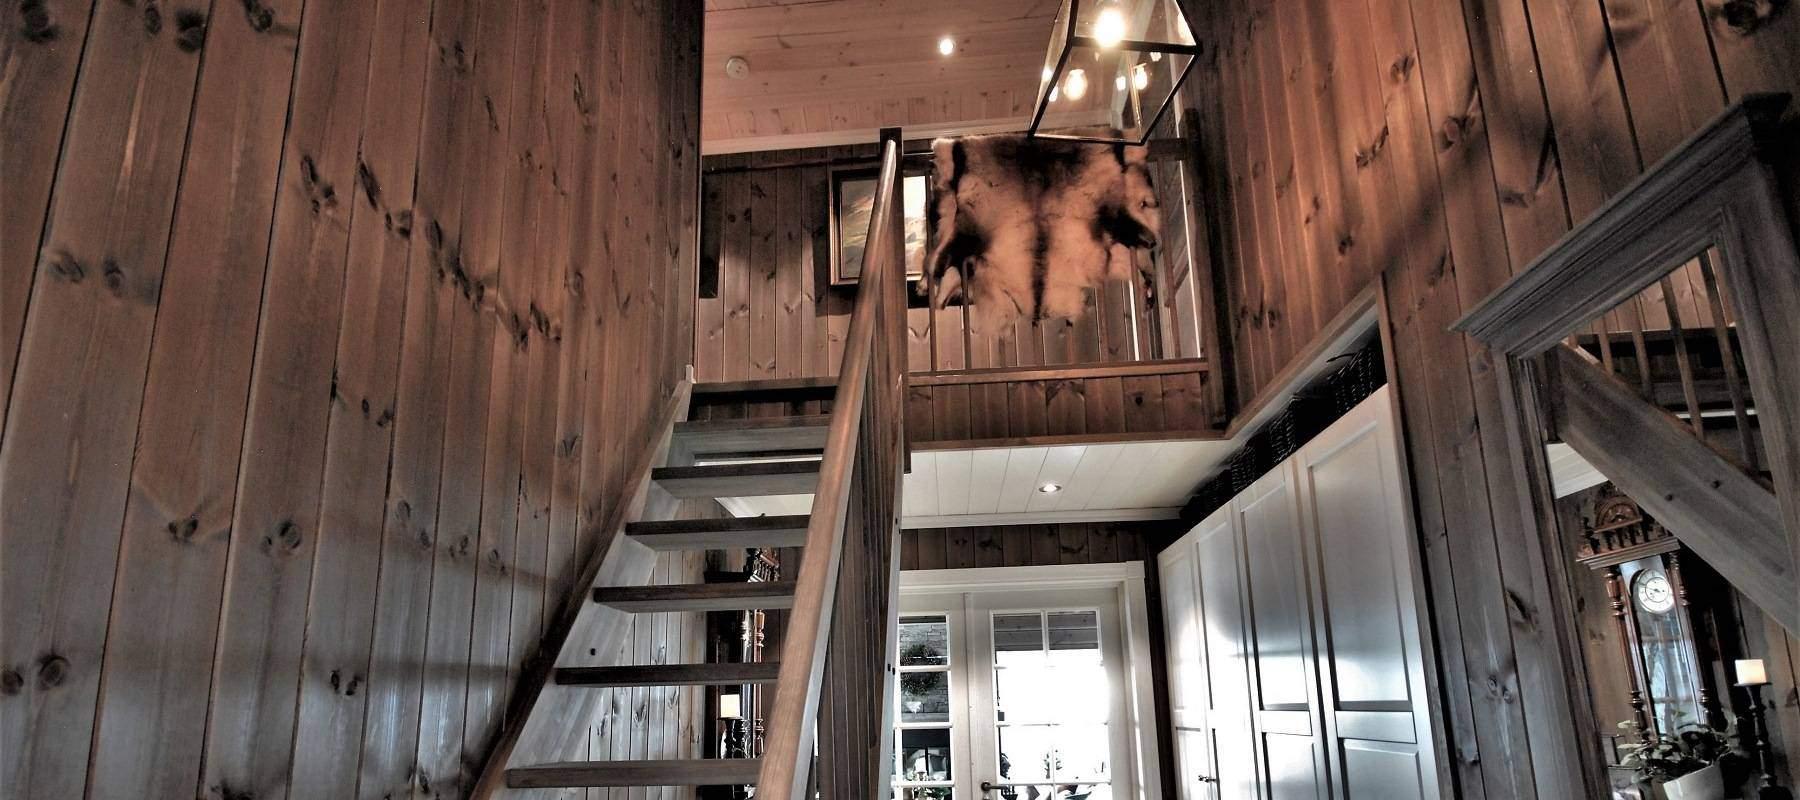 38 Hytteleverandor – Tiurtoppen Hytter Inspirasjon hytte pa Gålå